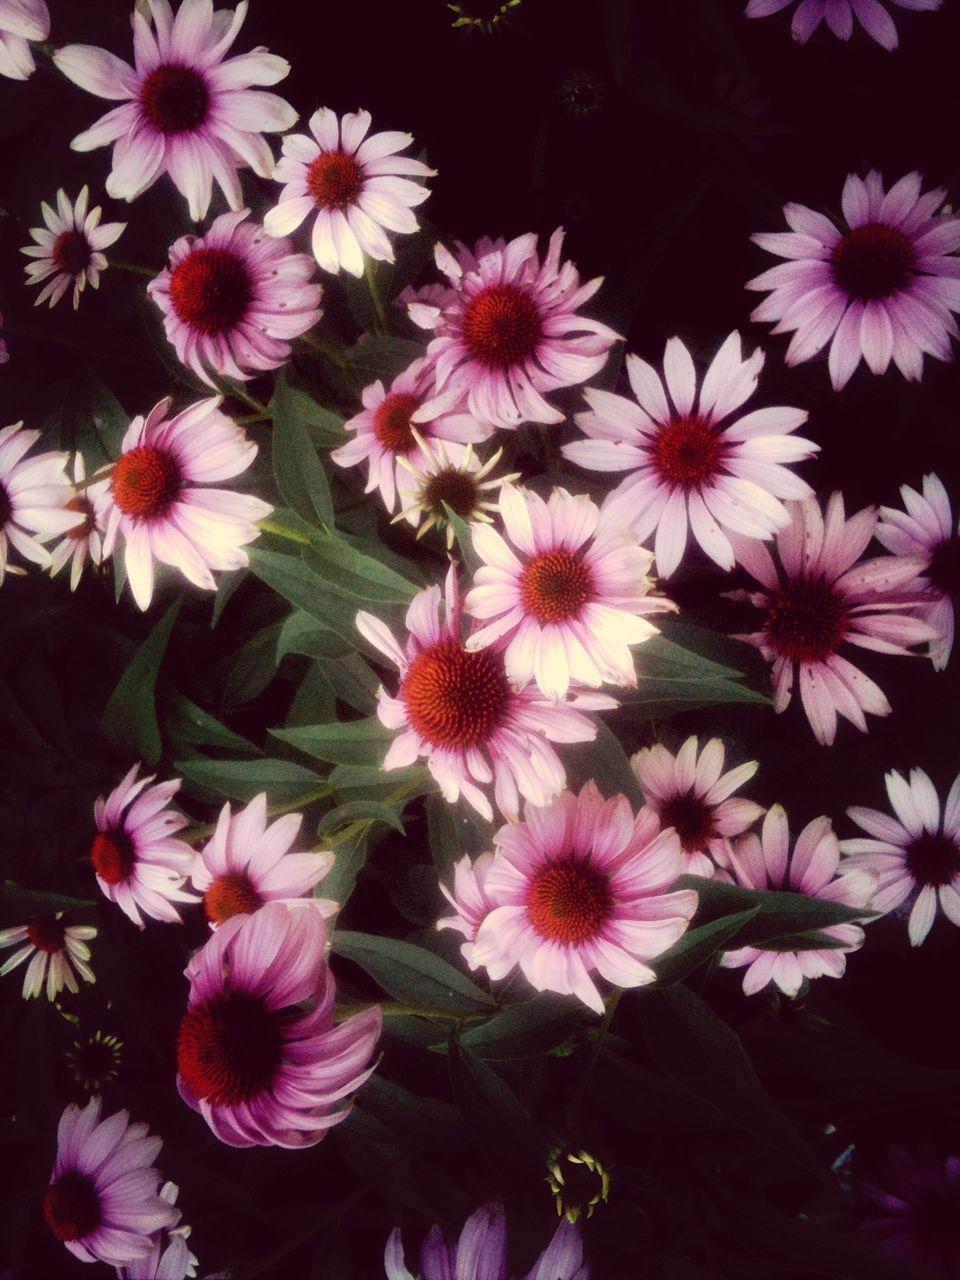 Pink flowers blooming in field